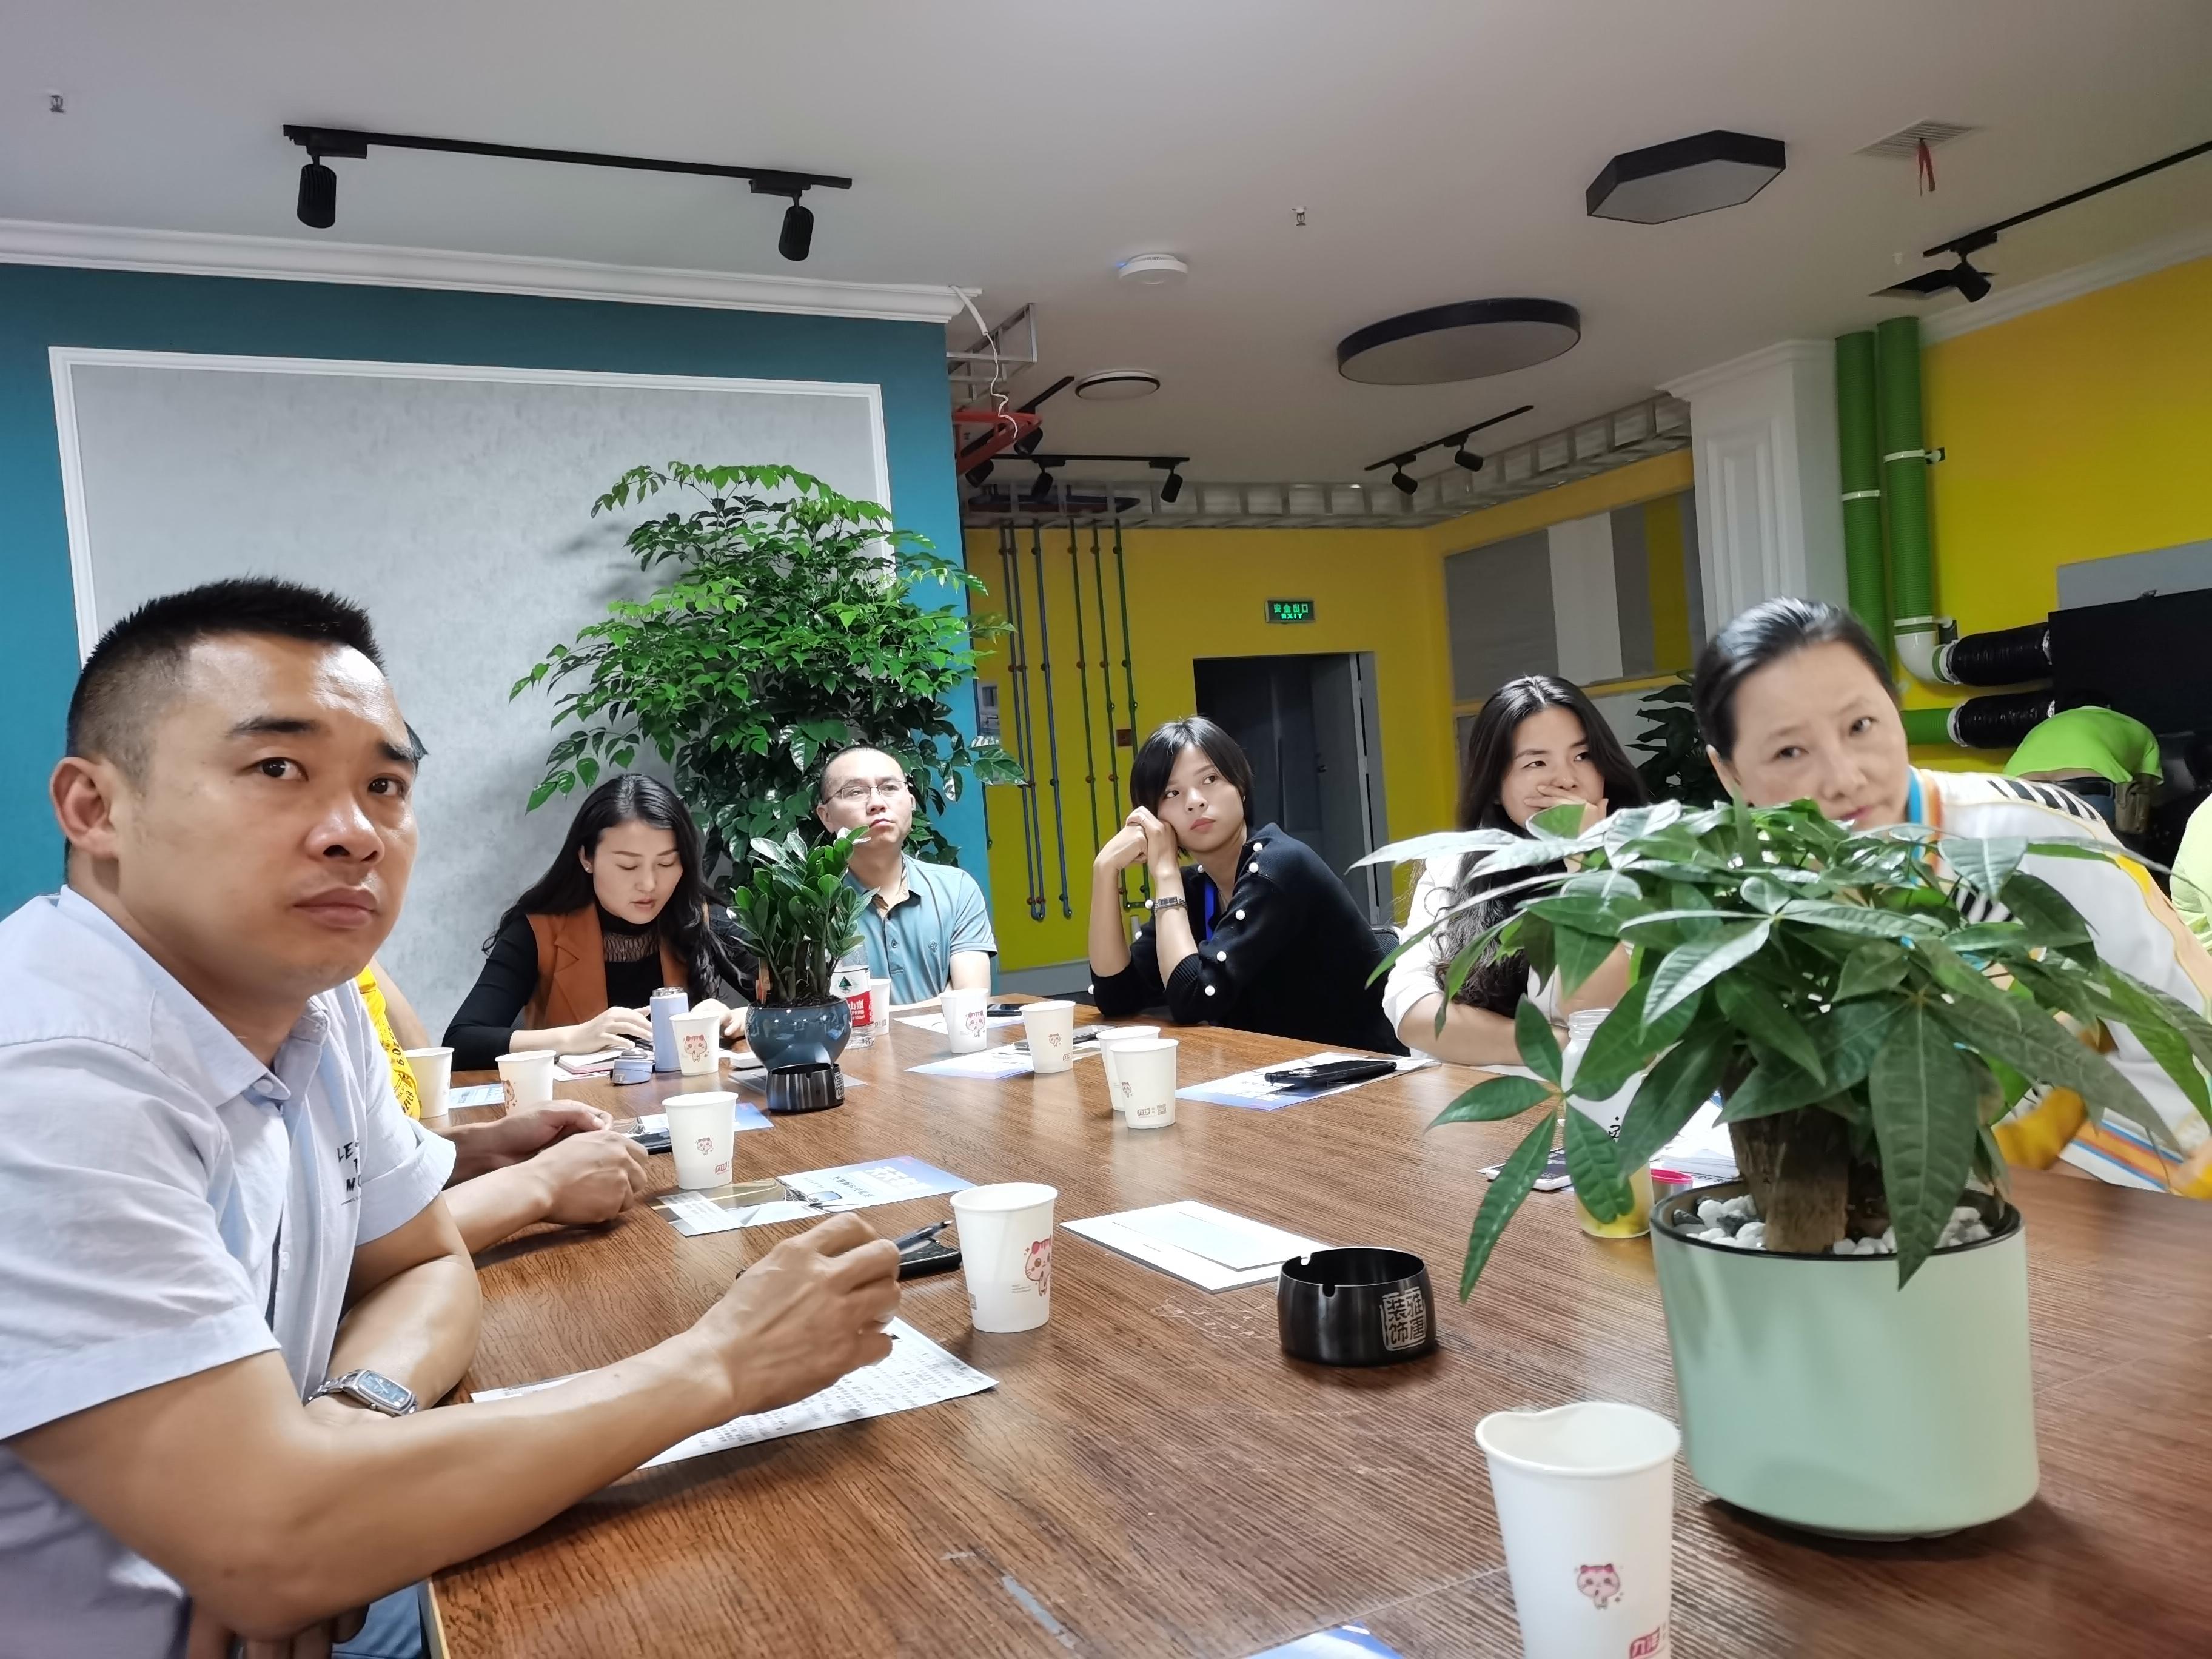 南充绸都创业沙龙举办,商会面向创业者和中小企业的推介项目亮相